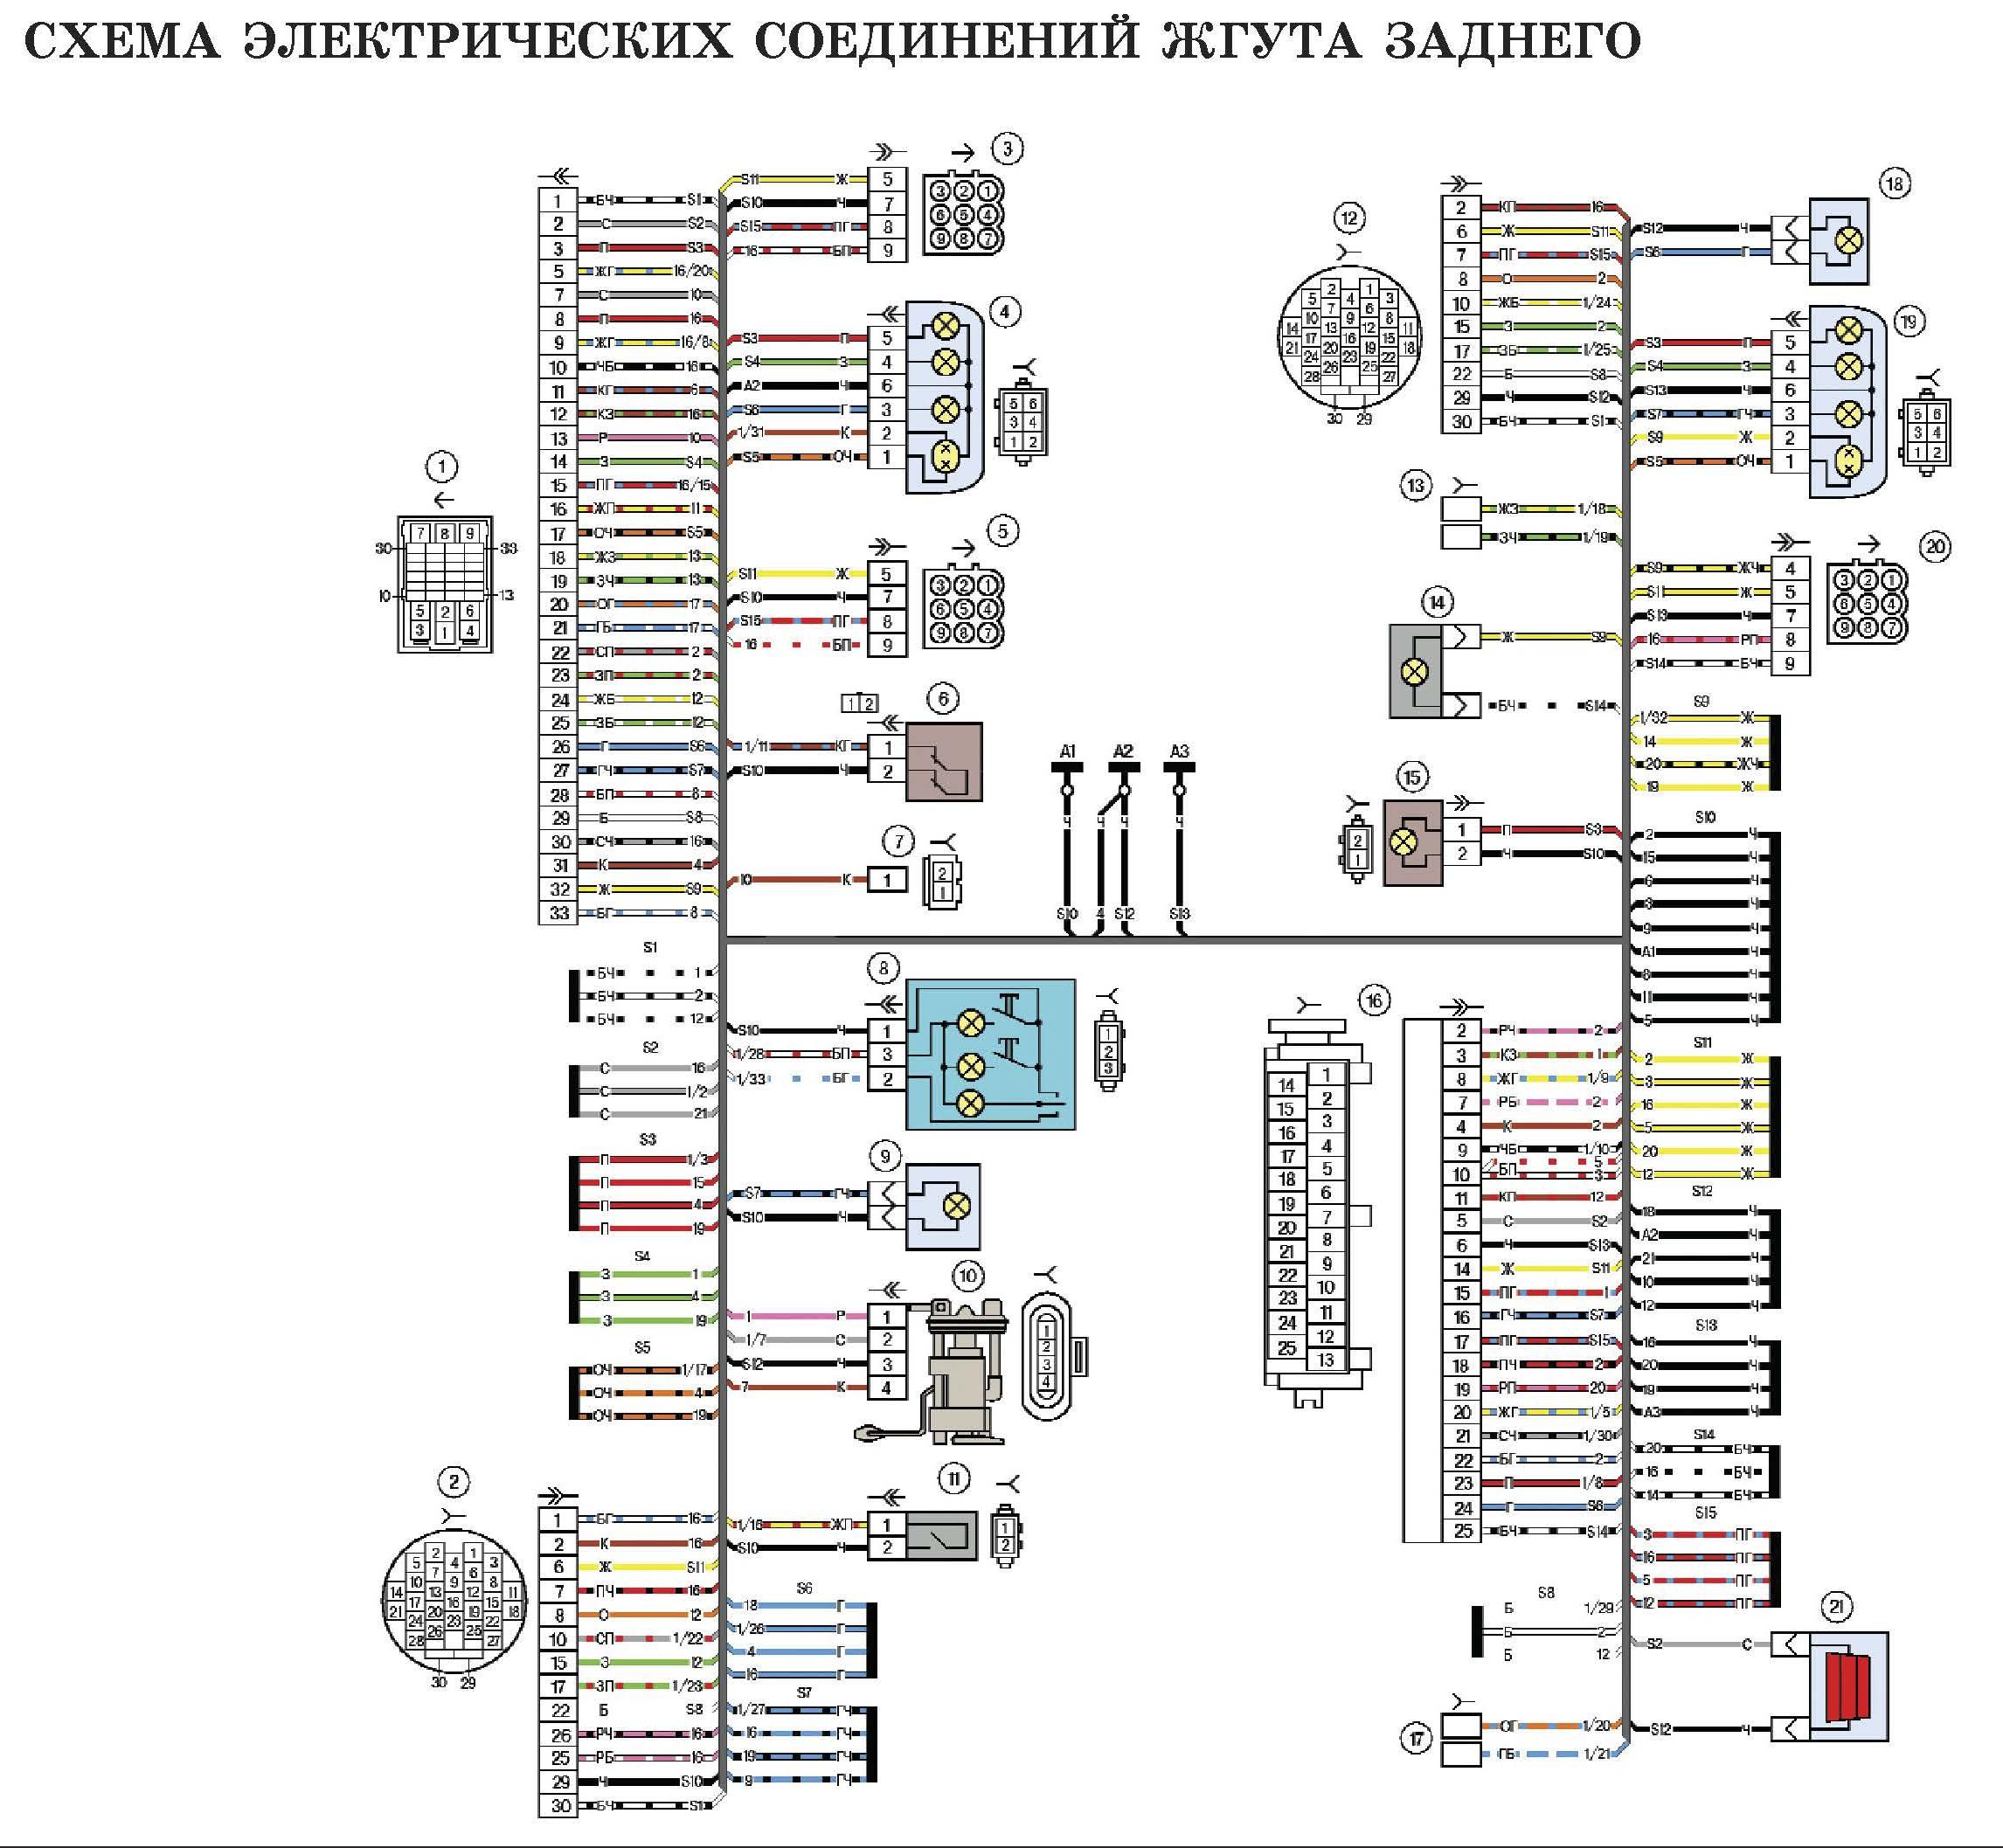 Схема электрических соединений жгута заднего автомобиля Лада Калина (LADA 1117 LADA 1118 LADA 1119)